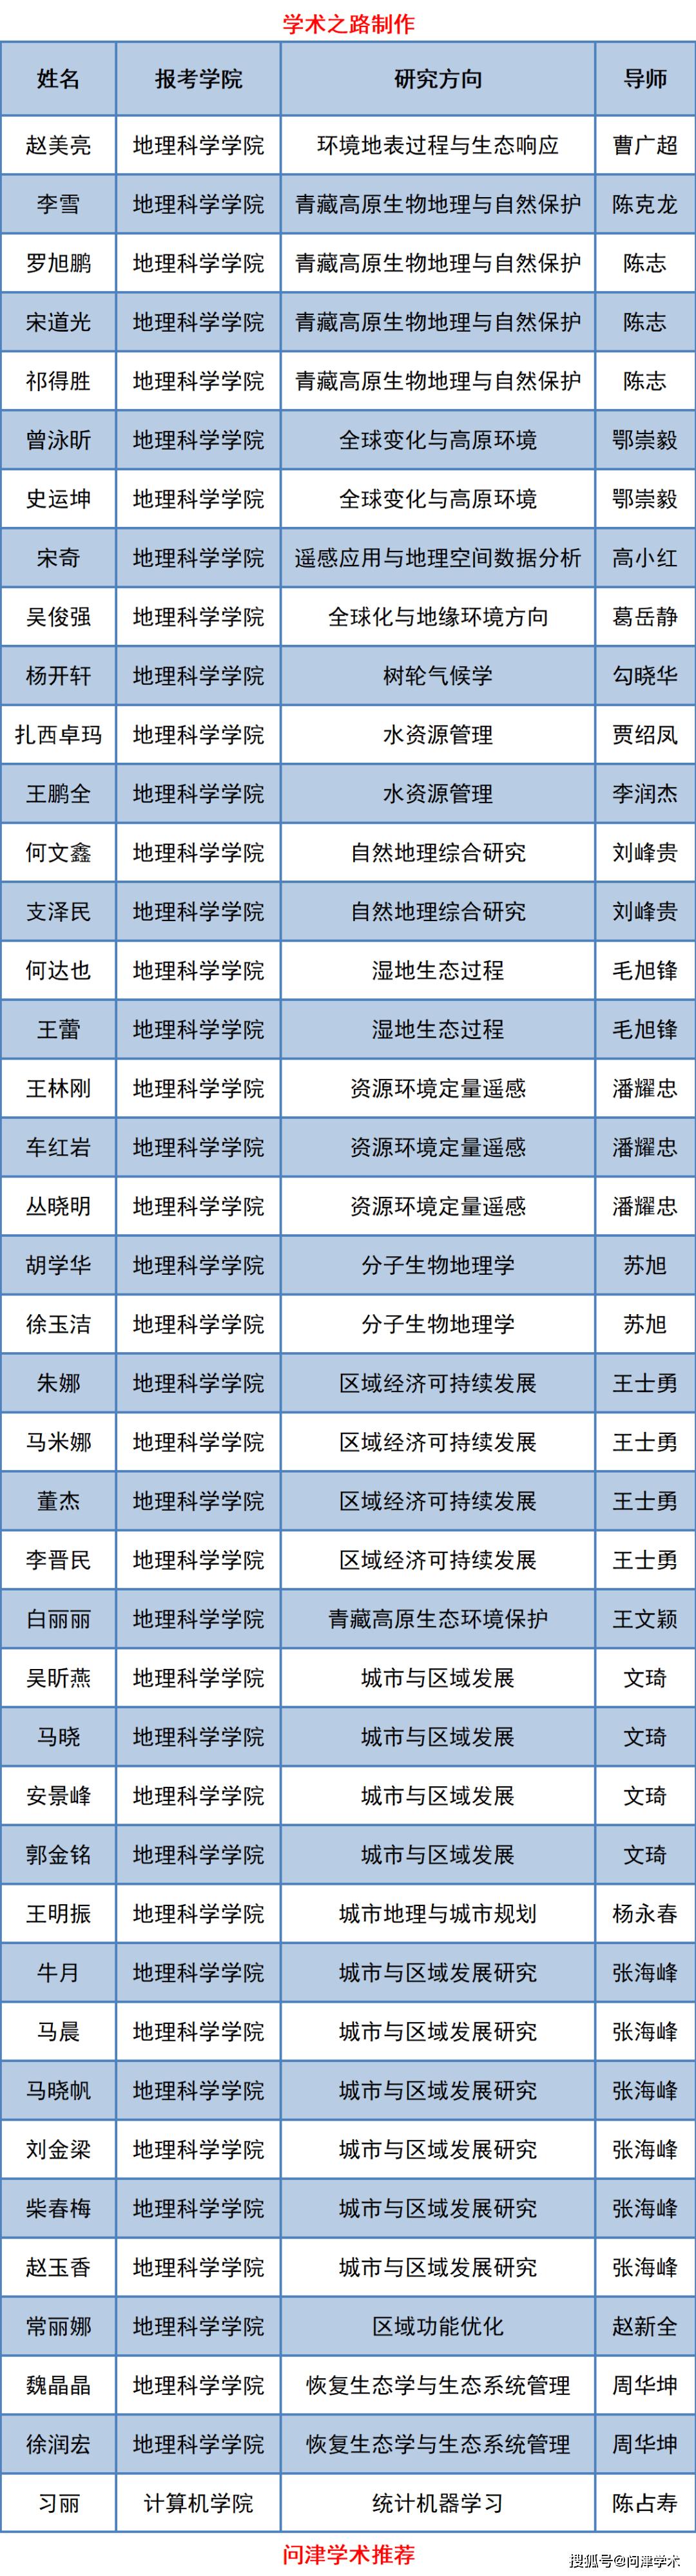 青海师范大学2021年招收博士研究生复试分数线及复试名单